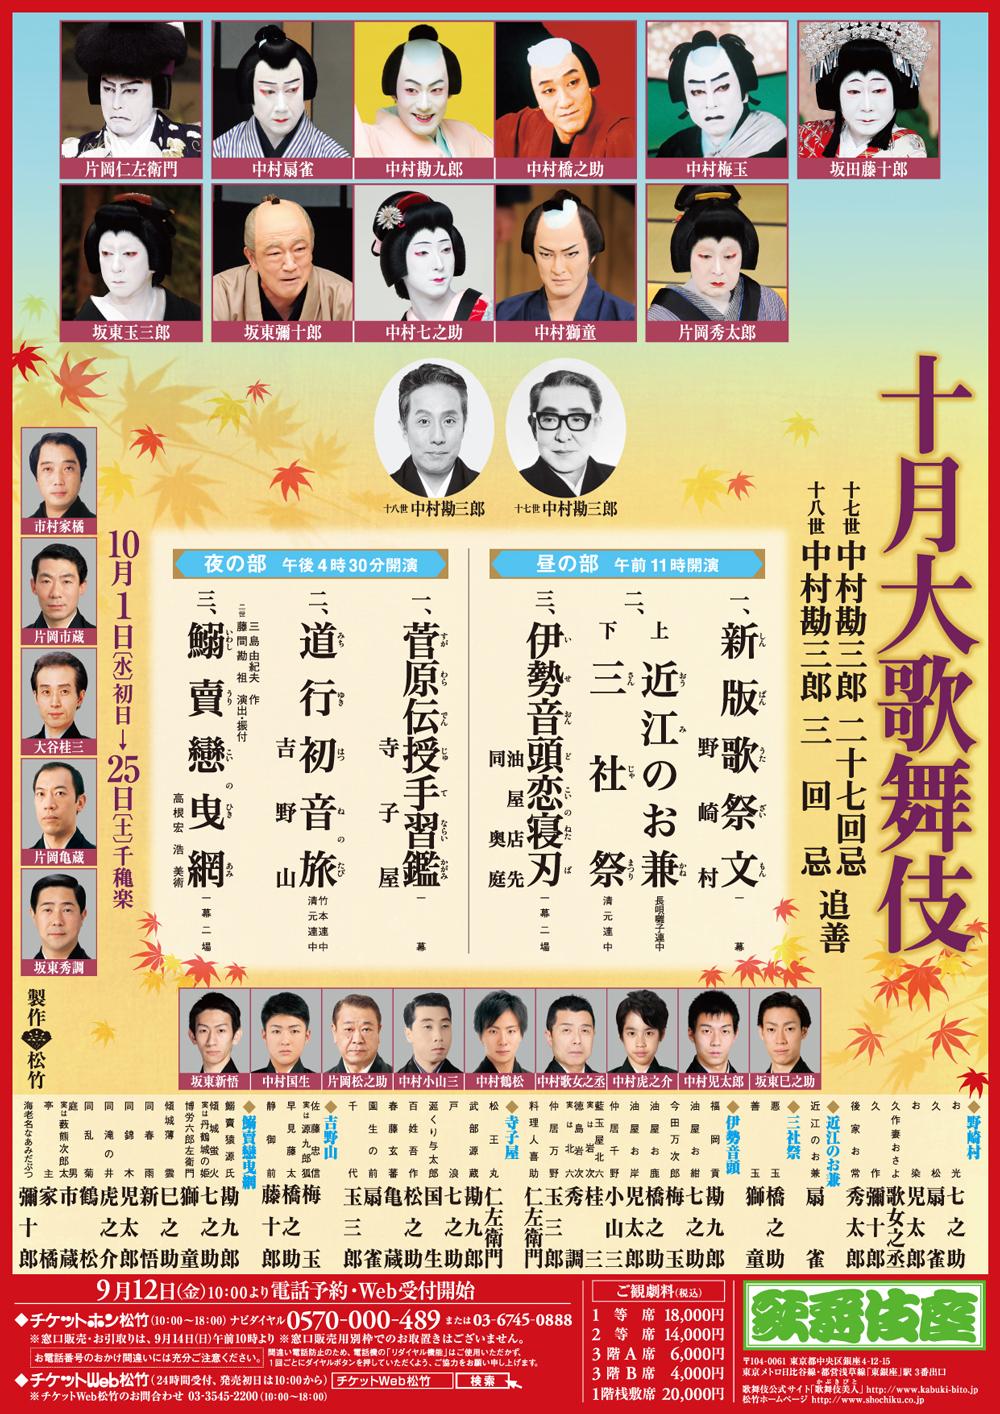 kabukiza_201410f.jpg